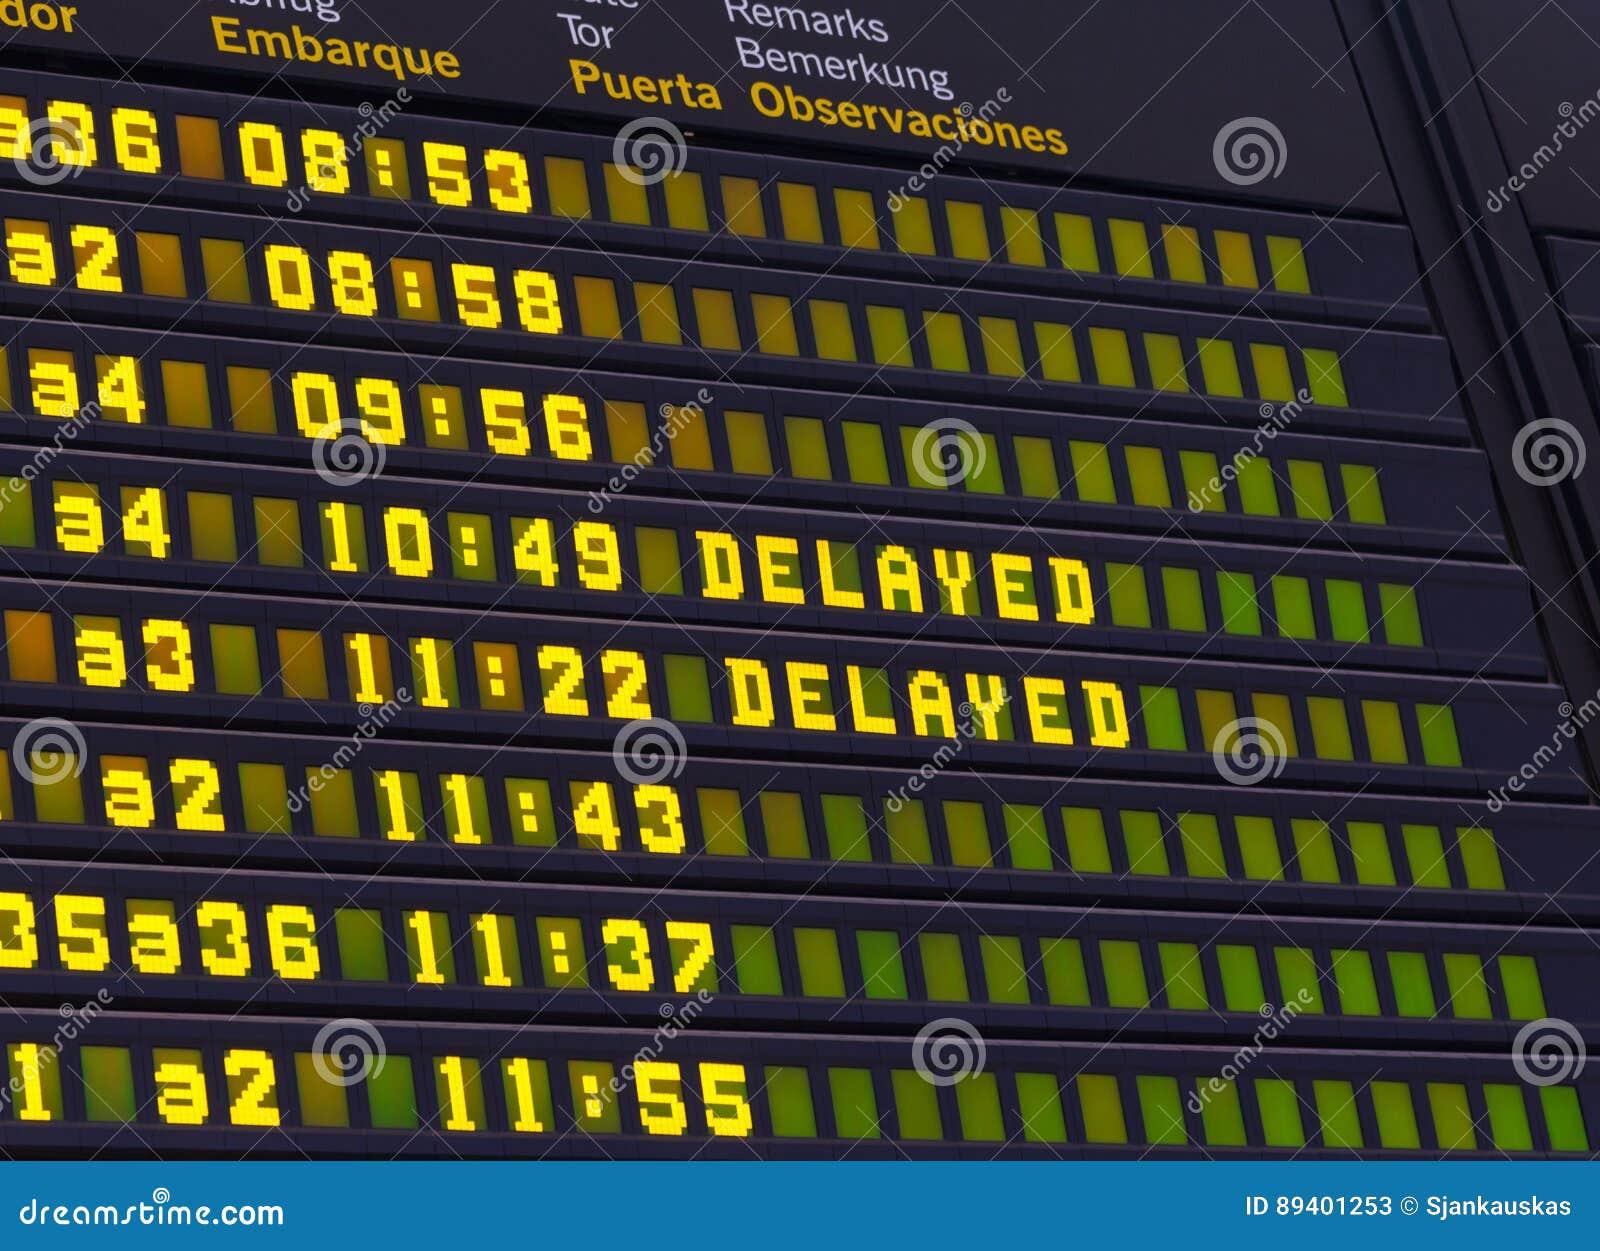 Voo atrasado quadro indicador da programação do aeroporto